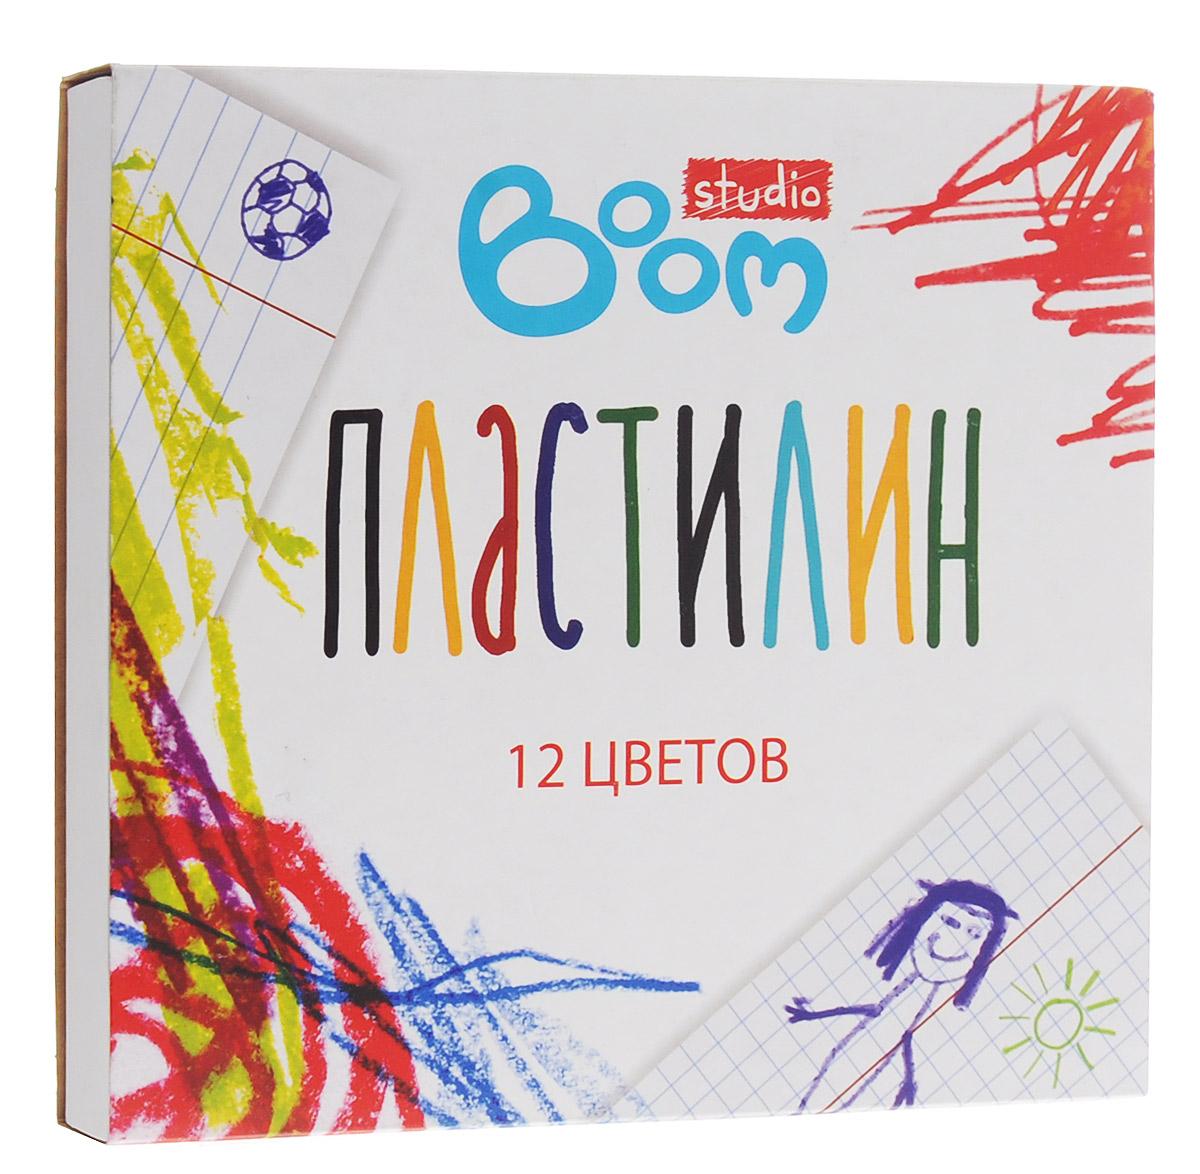 Boom Пластилин Studio 12 цветовBS-1P12Пластилин Boom Studio, предназначенный для лепки и моделирования, поможет ребенку развить творческие способности, воображение и мелкую моторику рук. У пластилина отличные пластичные свойства - хорошо размягчается, не липнет к рукам, имеет яркие сочные цвета. Пластилин безопасен для здоровья при использовании по назначению.В наборе 12 цветов.